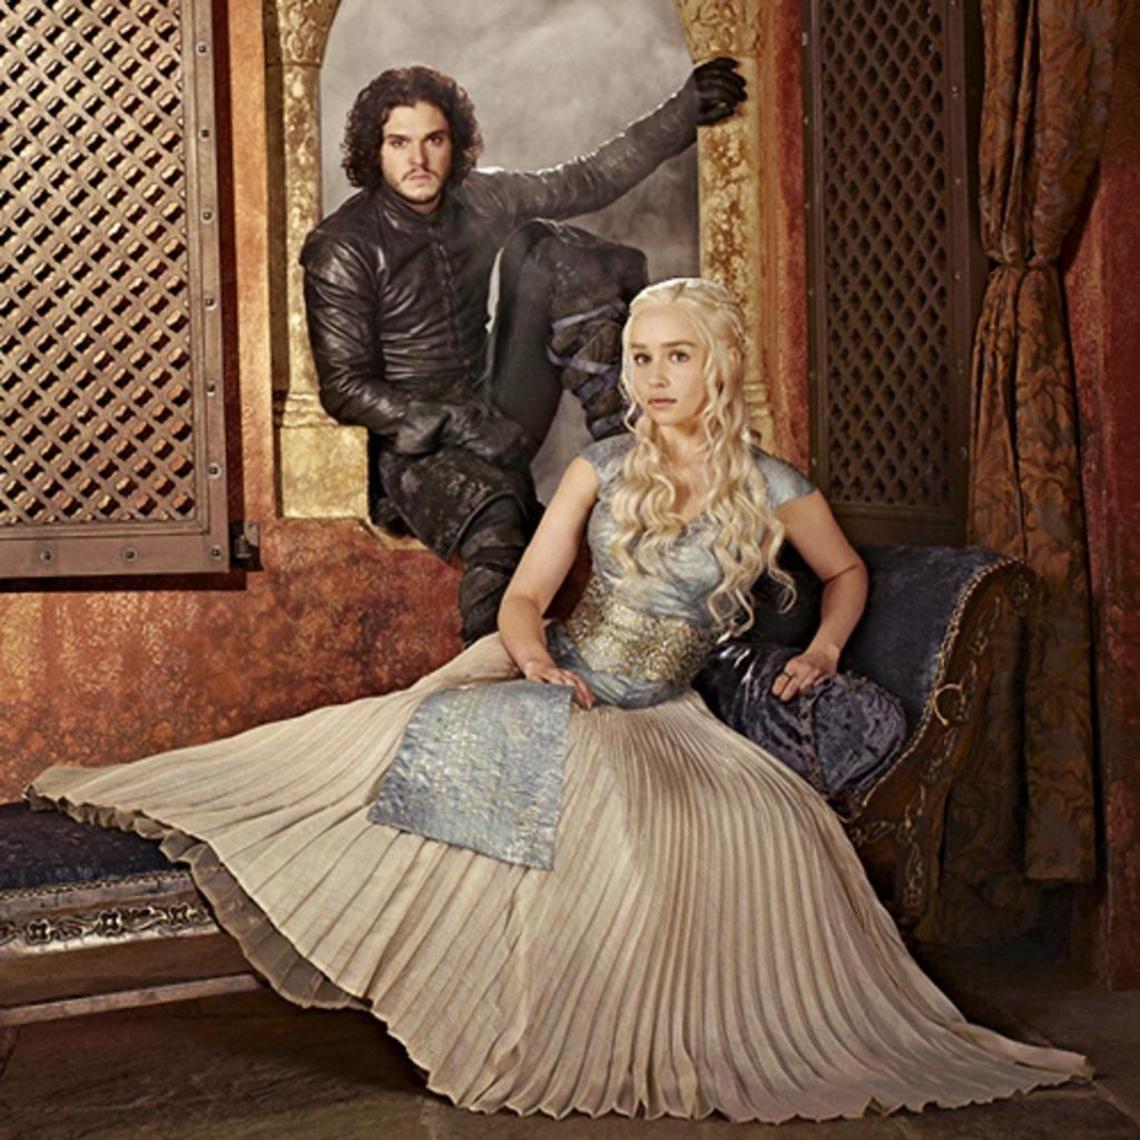 Daenerys targaryen and khal drogo wallpaper daenerys targaryen wedding - Daenerys Targaryen